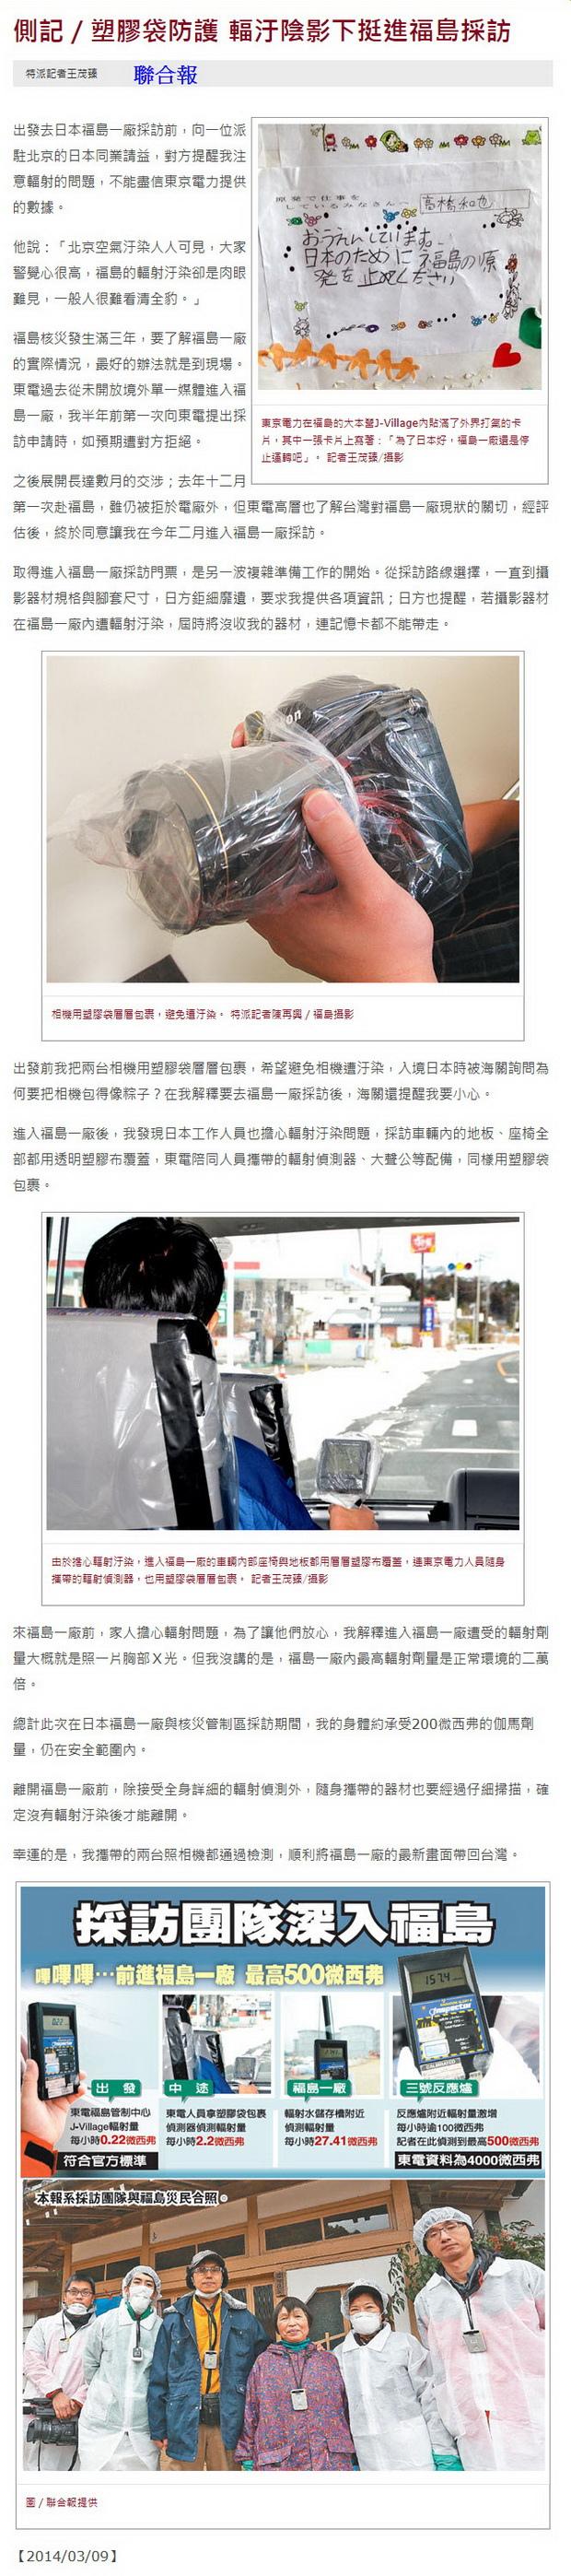 塑膠袋防護 輻汙陰影下挺進福島採訪-2014.03.09.jpg